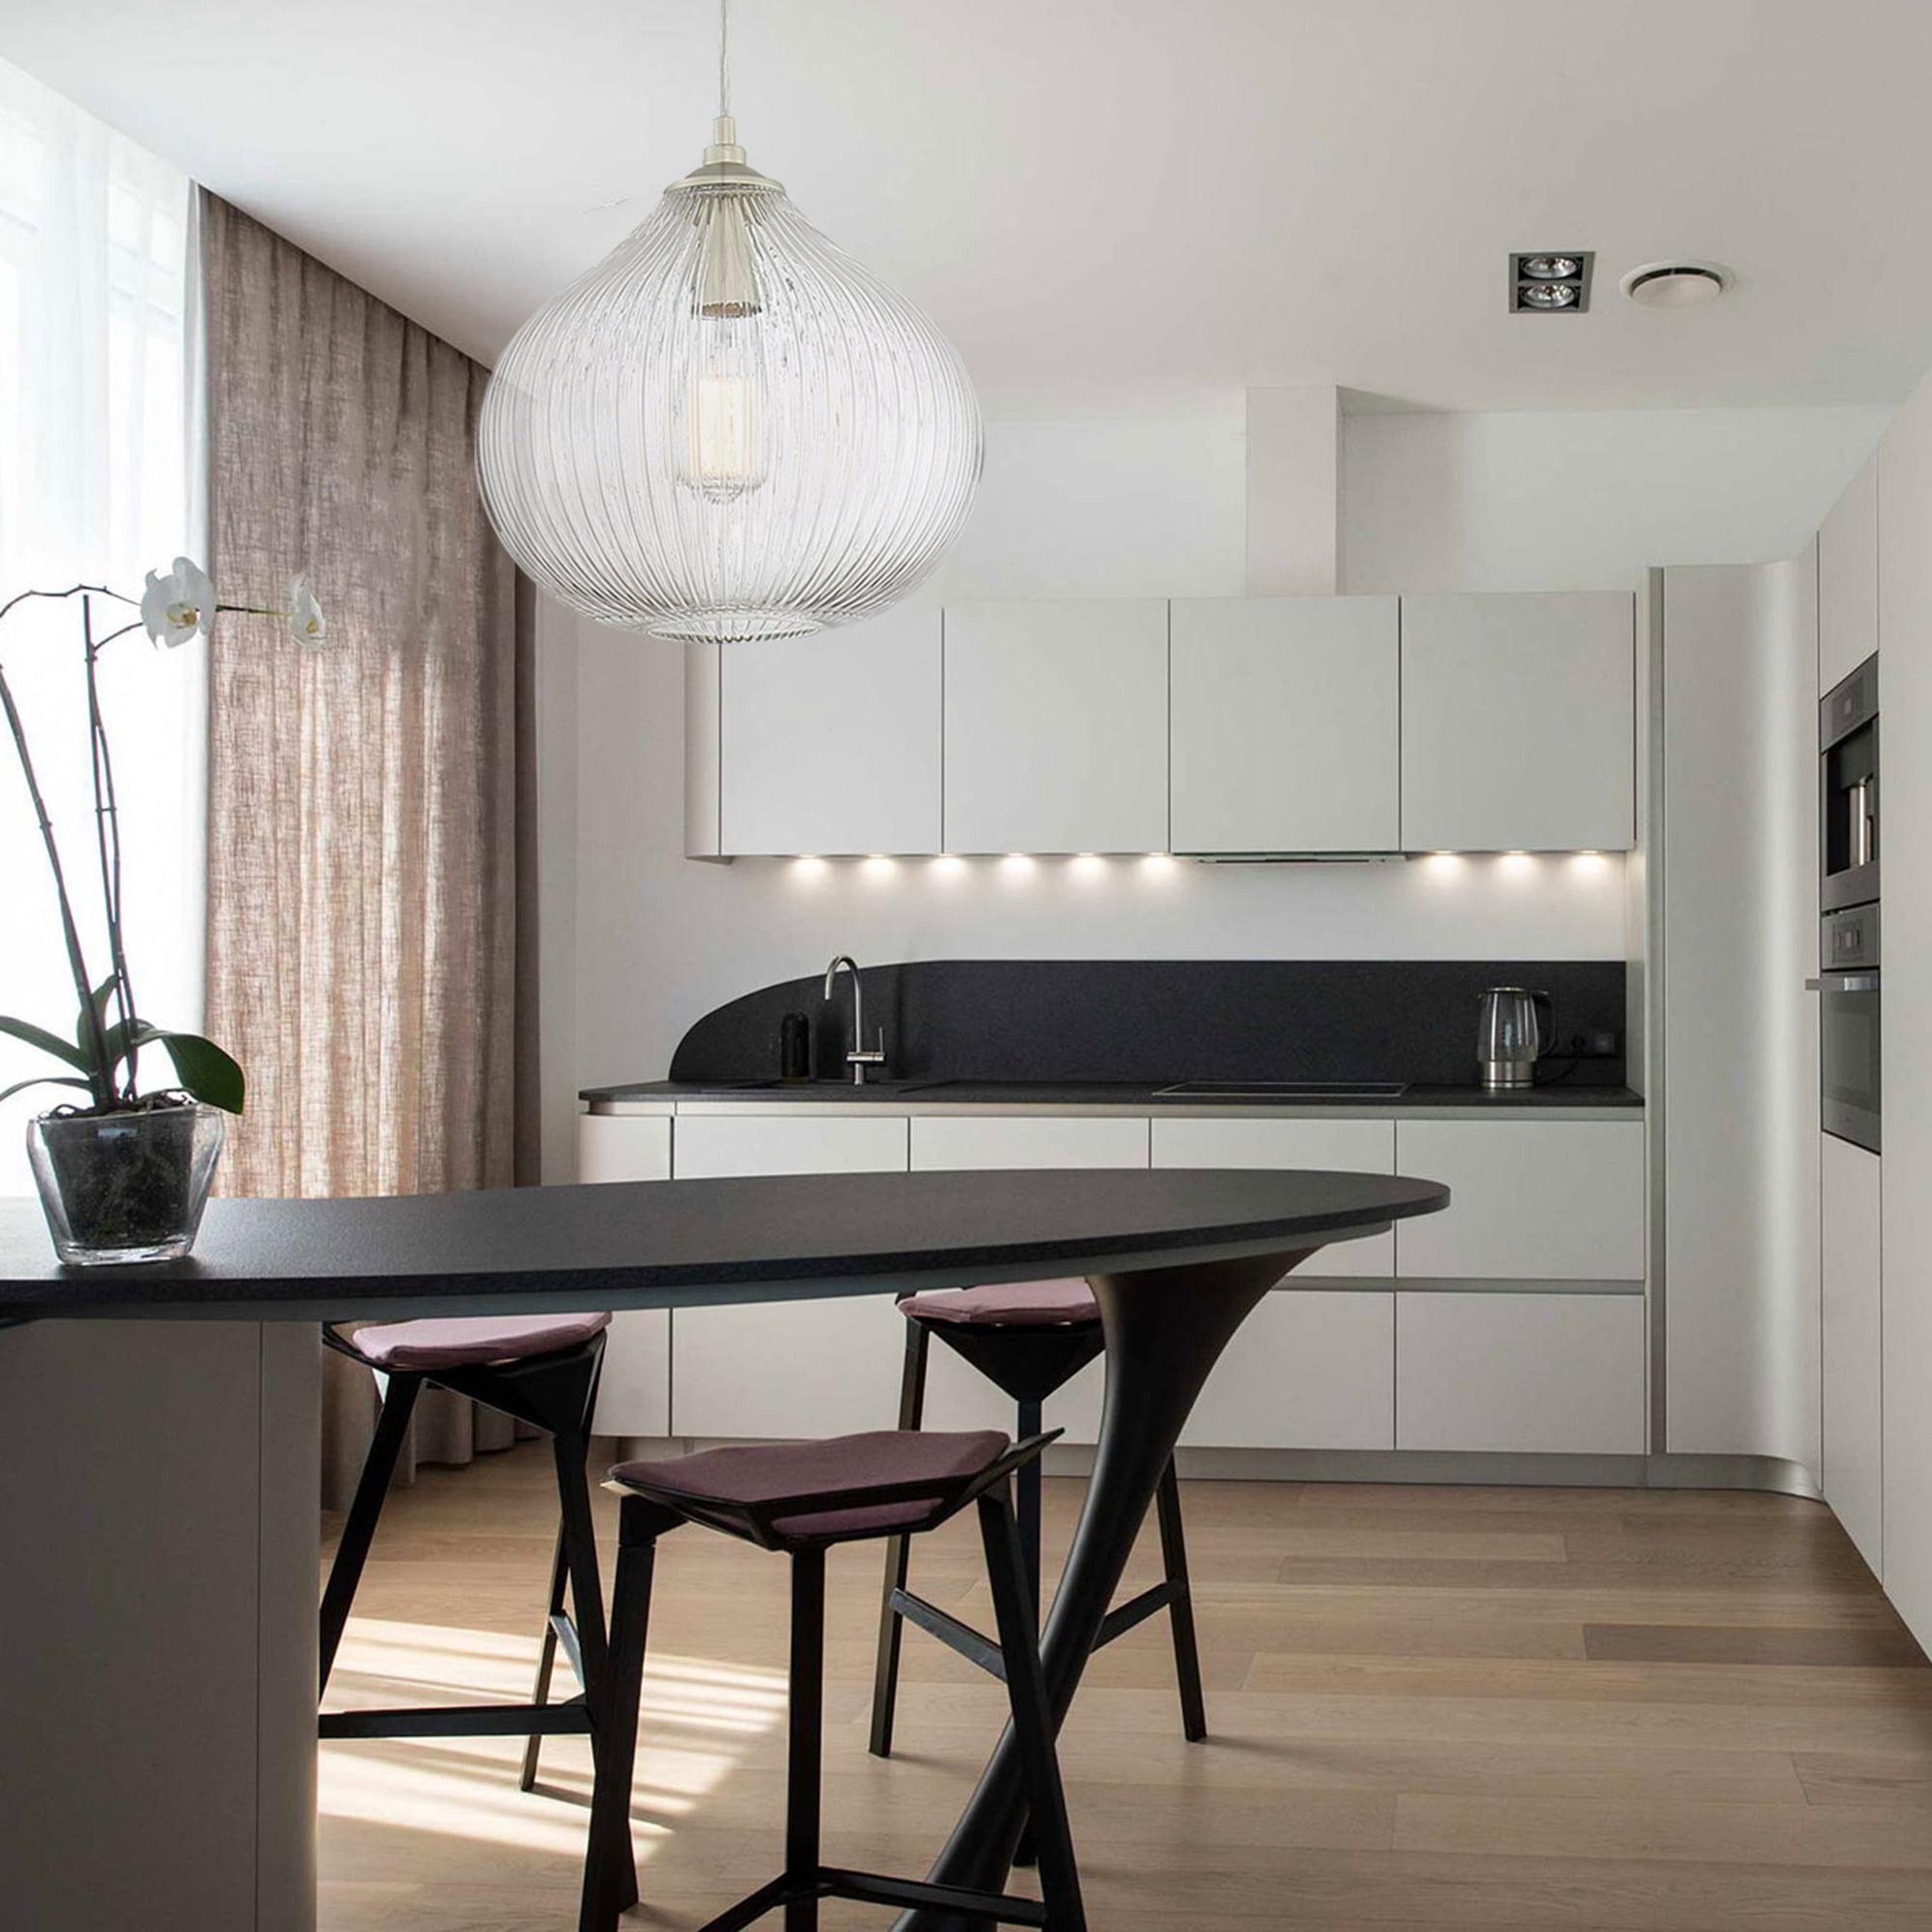 Vanity Art Modern Elegant 1 Light Glass, Glass Dining Room Light Fixtures